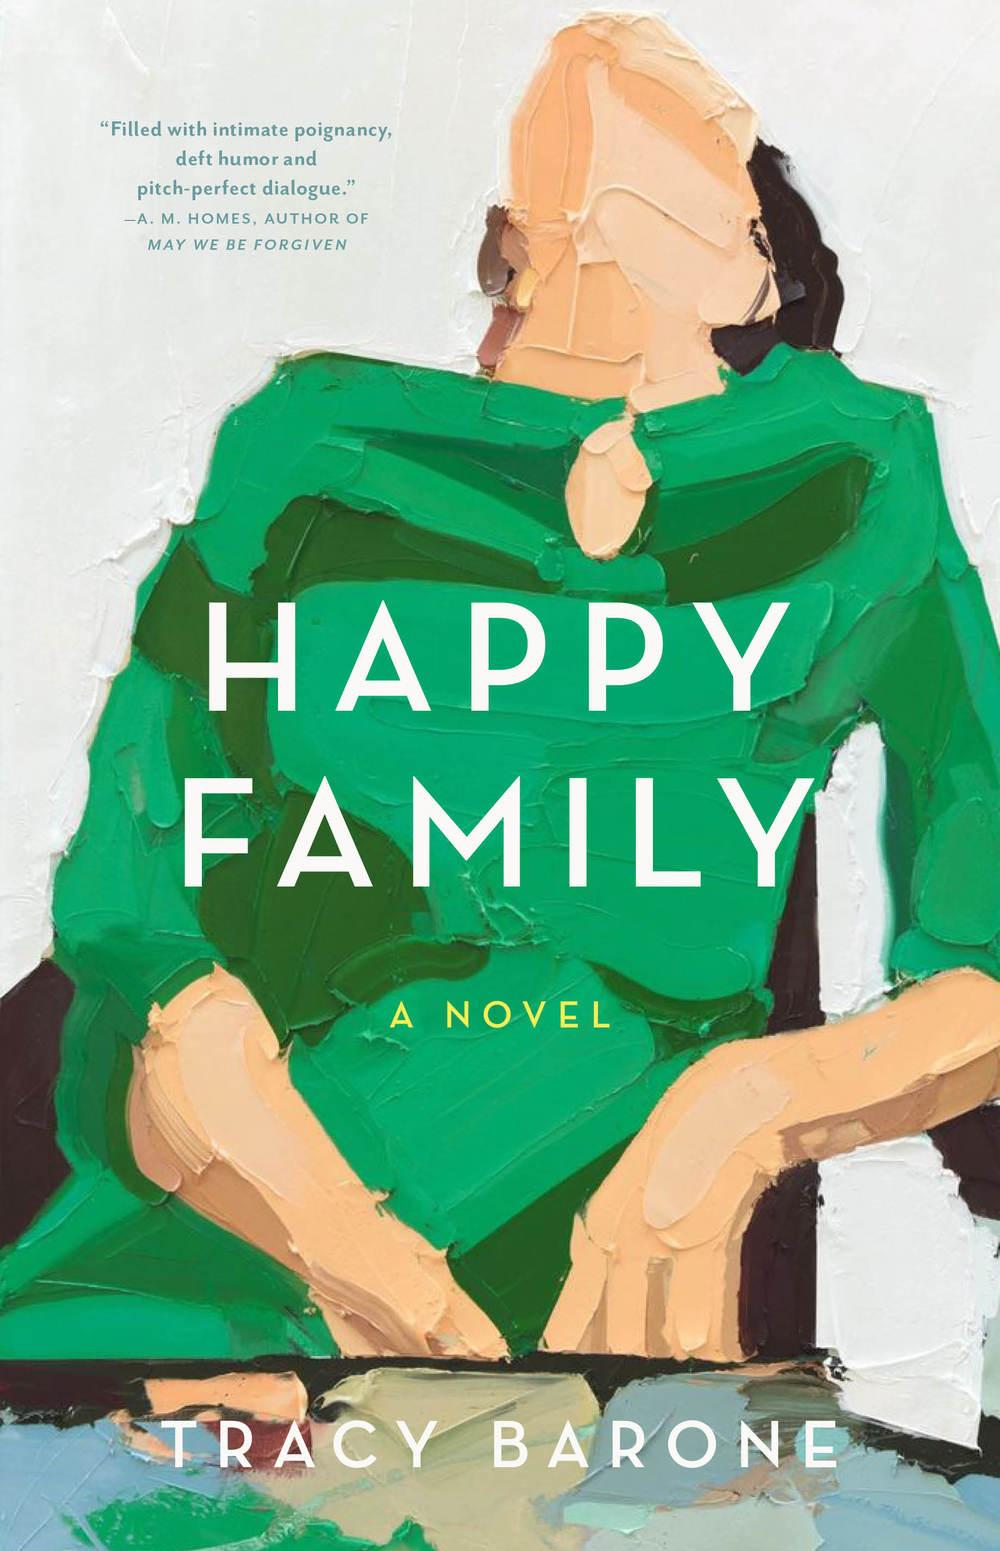 Happy Family, A Novel by Tracy Barone